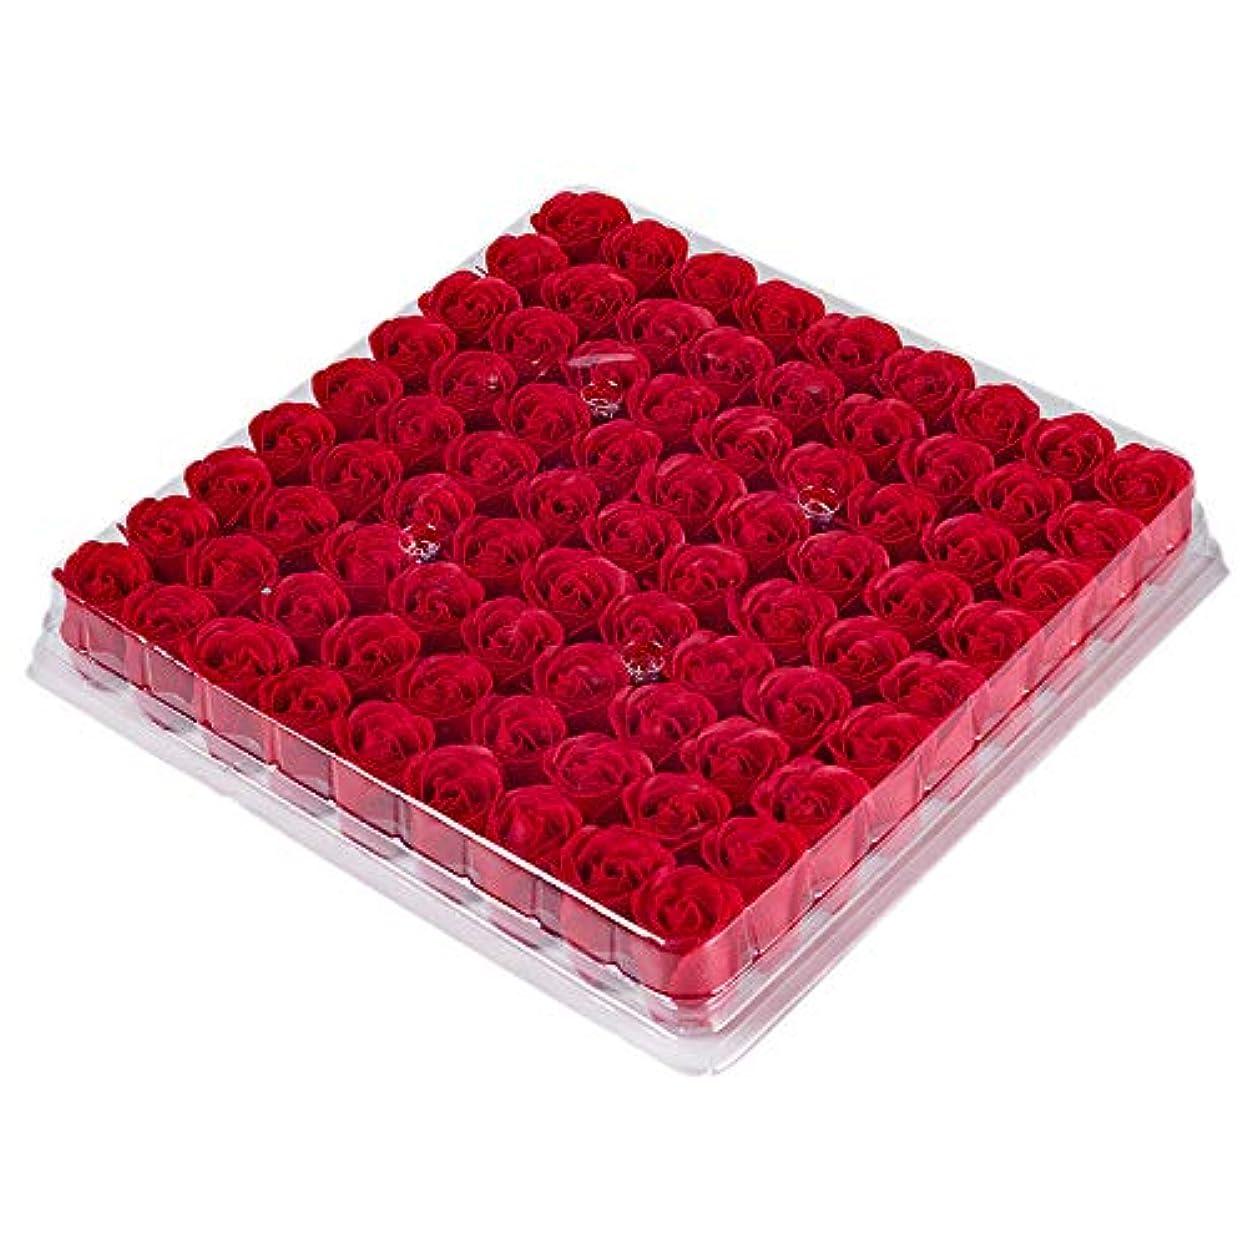 ポジションストロー乱すCUHAWUDBA 81個の薔薇、バス ボディ フラワー?フローラルの石けん 香りのよいローズフラワー エッセンシャルオイル フローラルのお客様への石鹸 ウェディング、パーティー、バレンタインデーの贈り物、赤色